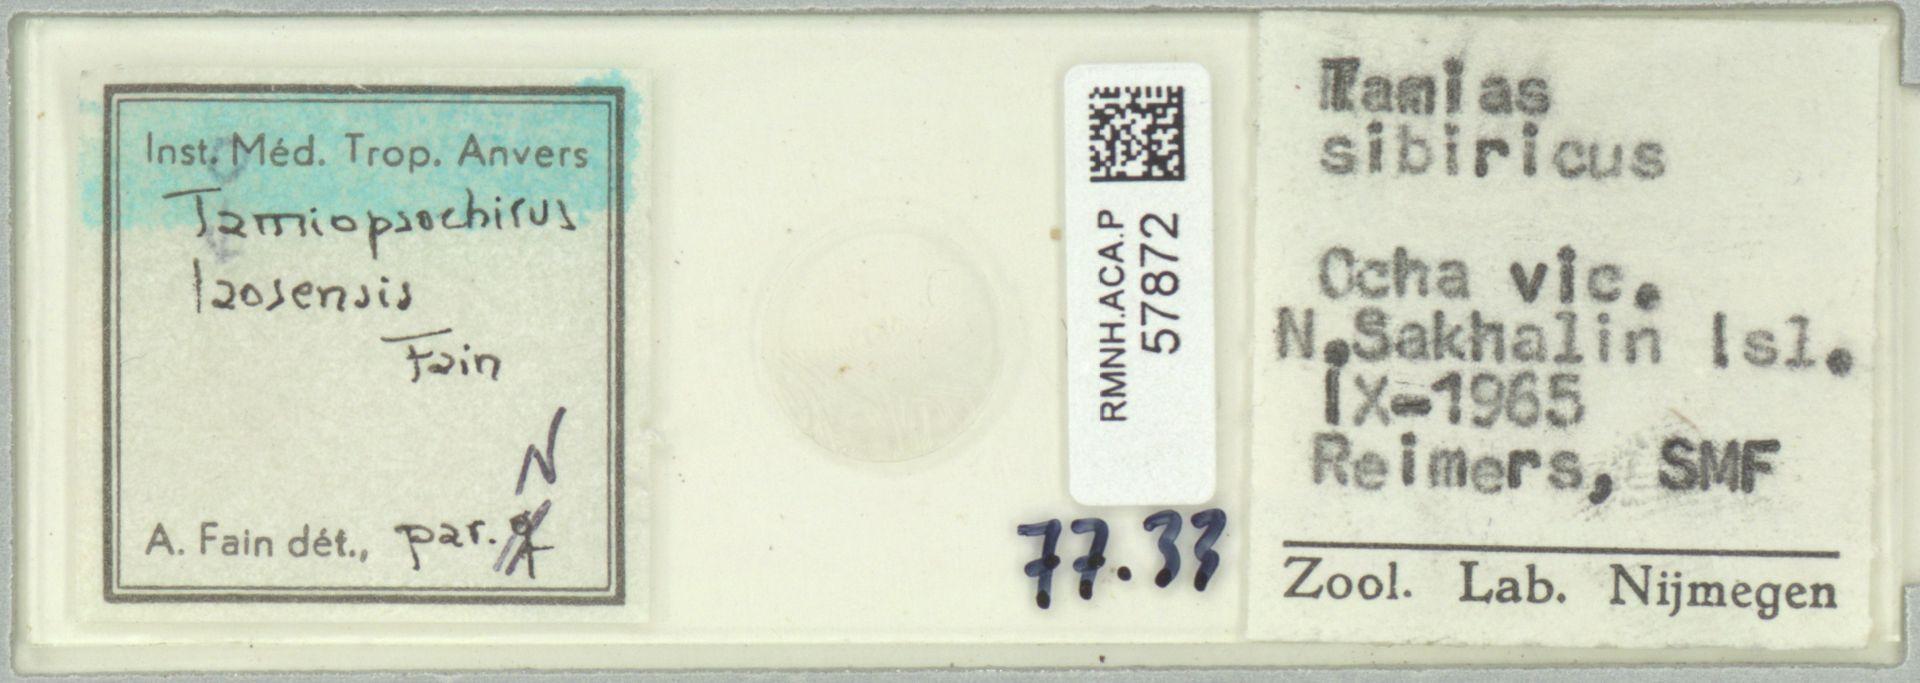 RMNH.ACA.P.57872 | Tamiopsochirus laosensis Fain